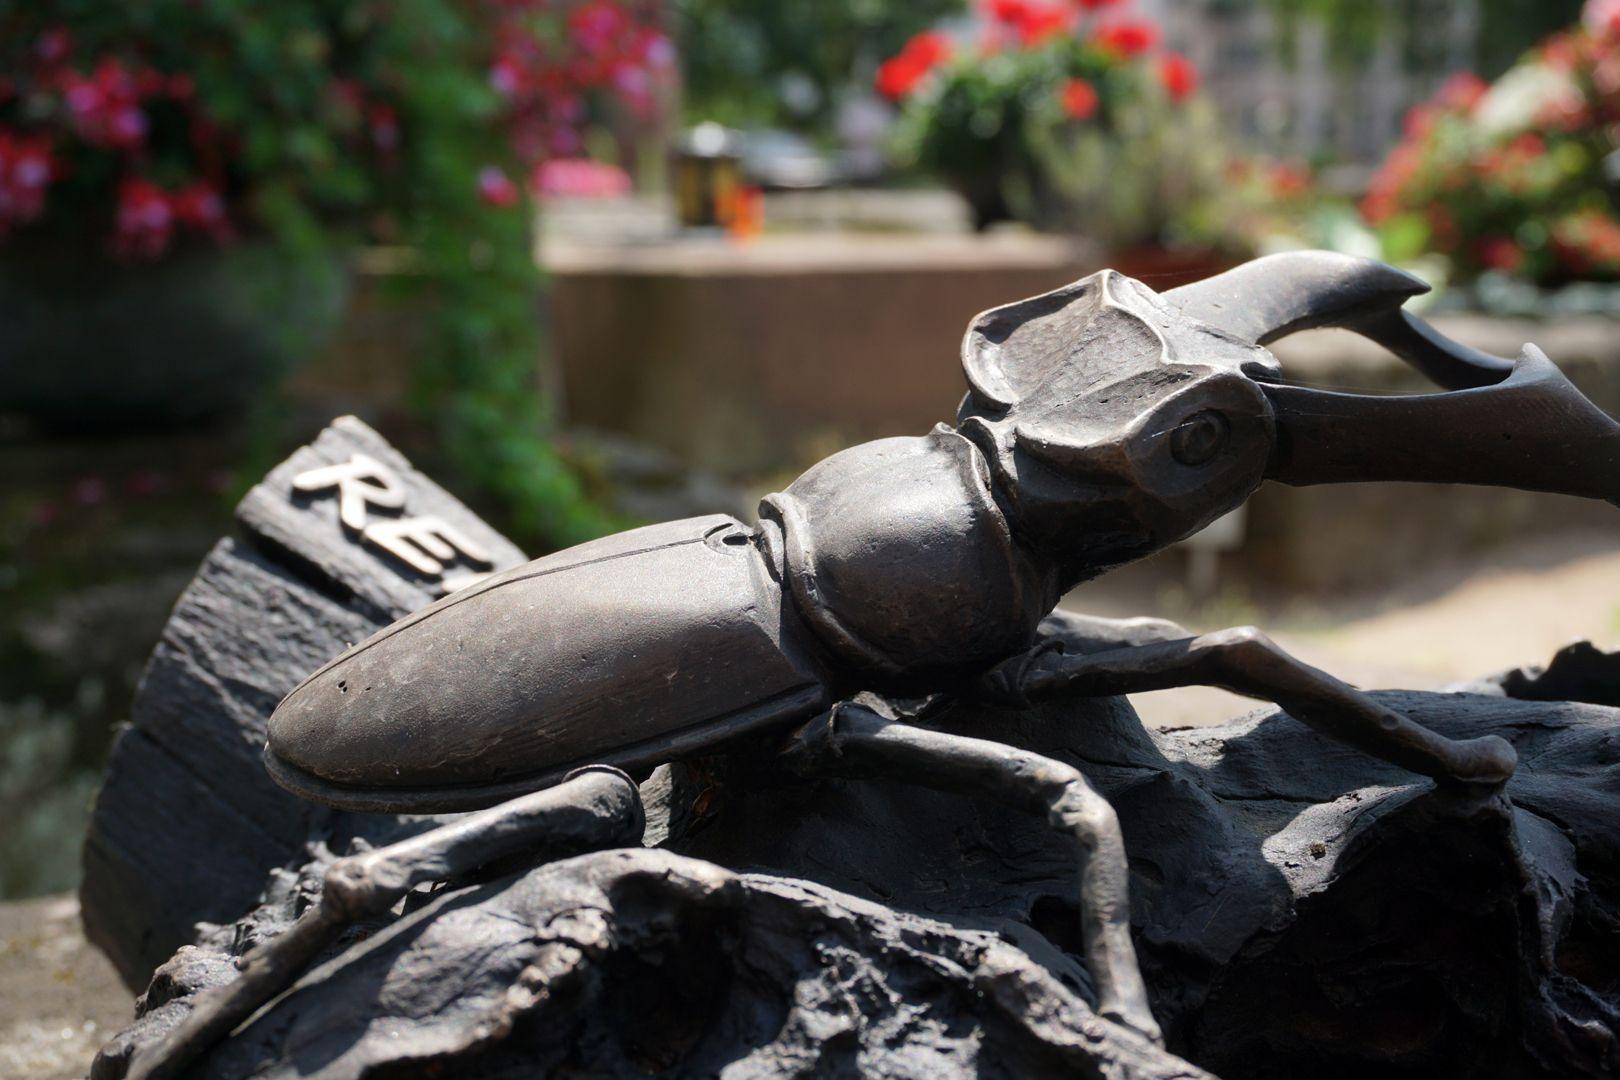 Rochusfriedhof Grabstätte 209 Modernes Epitaph / REICHL / Hirschkäfer auf einem Stück einer Eichenbaumwurzel, Detail